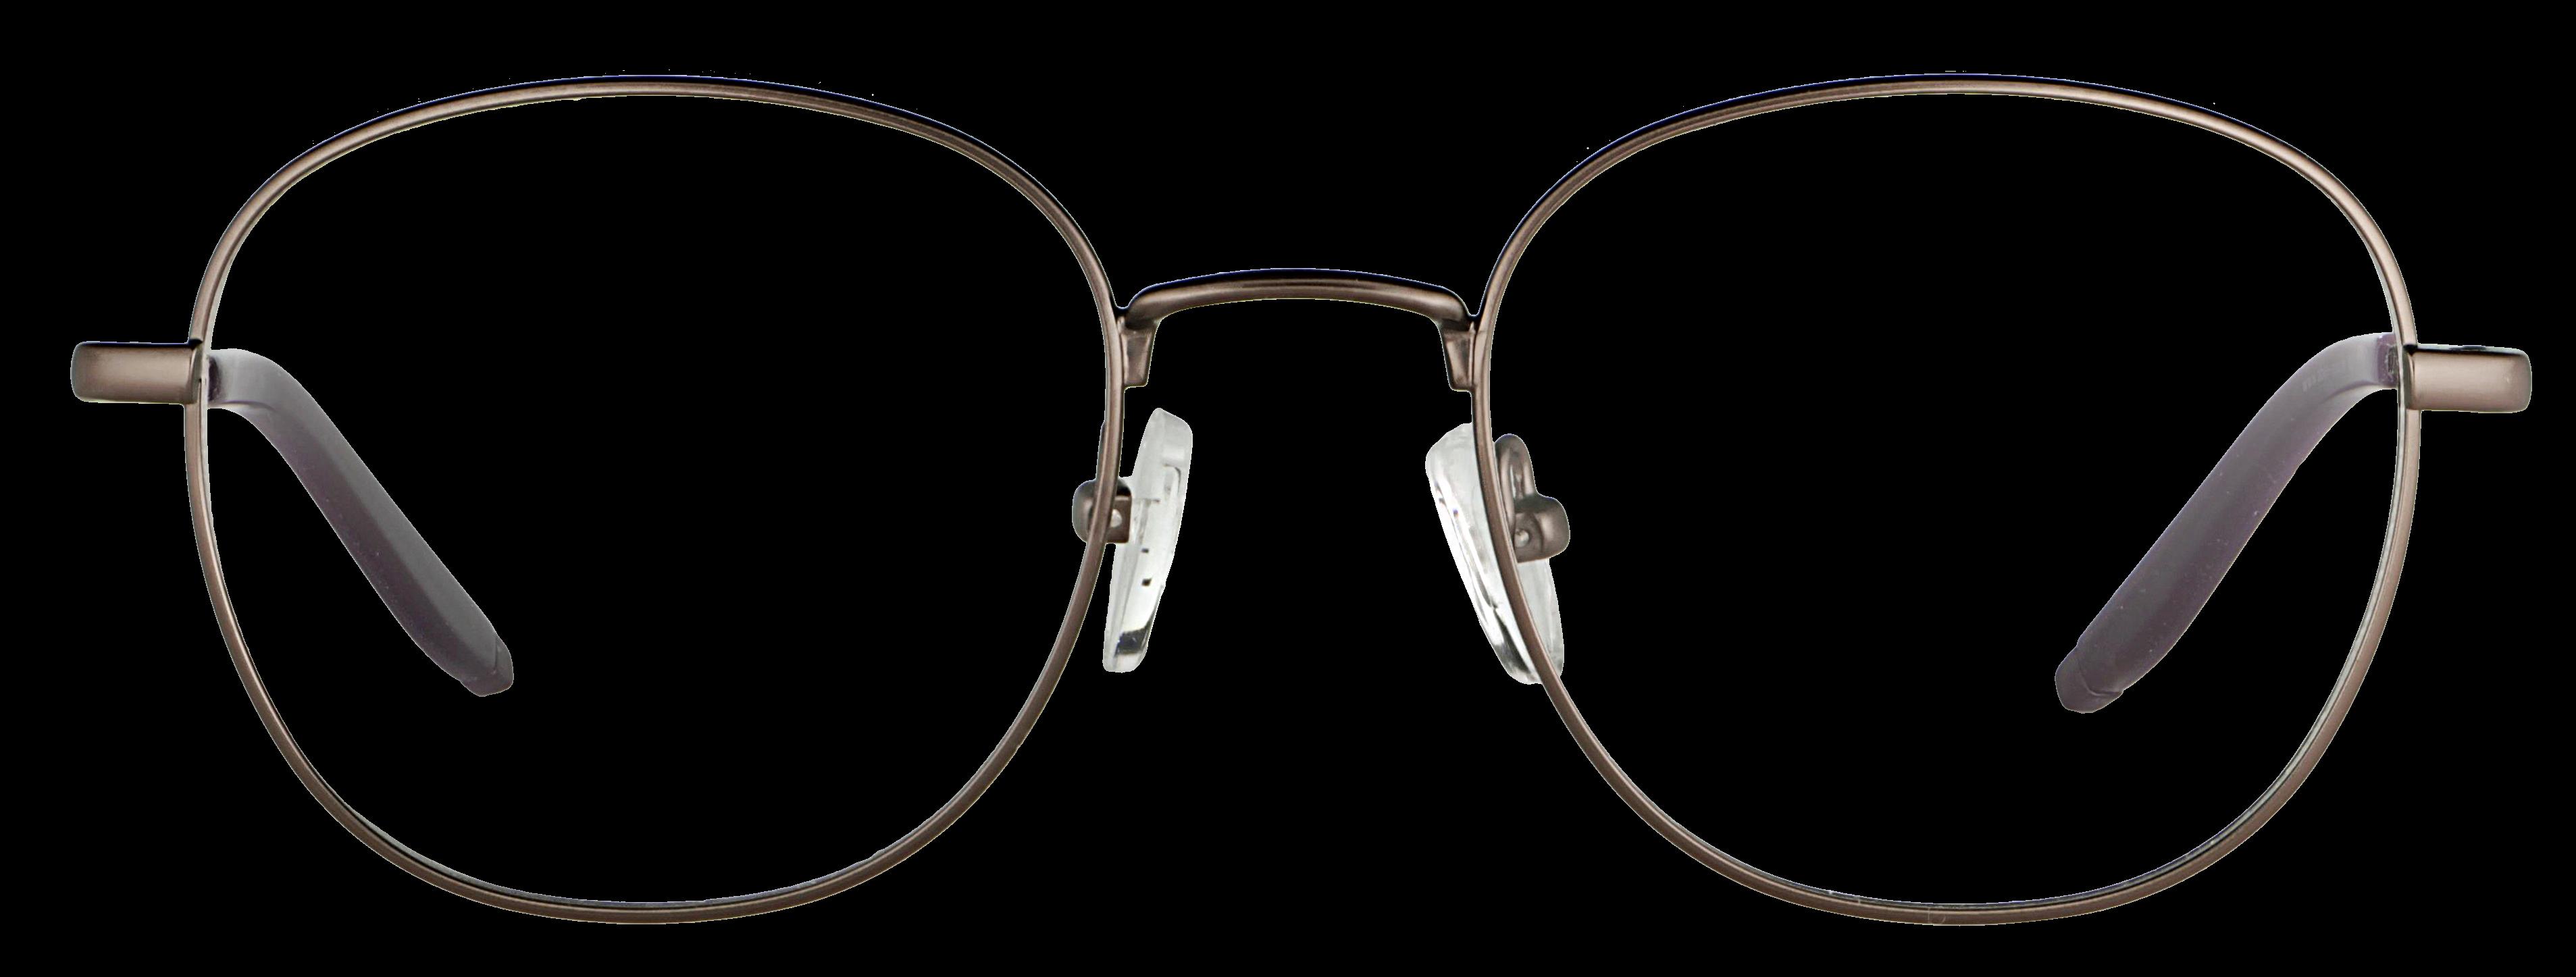 abele optik Brille 140571